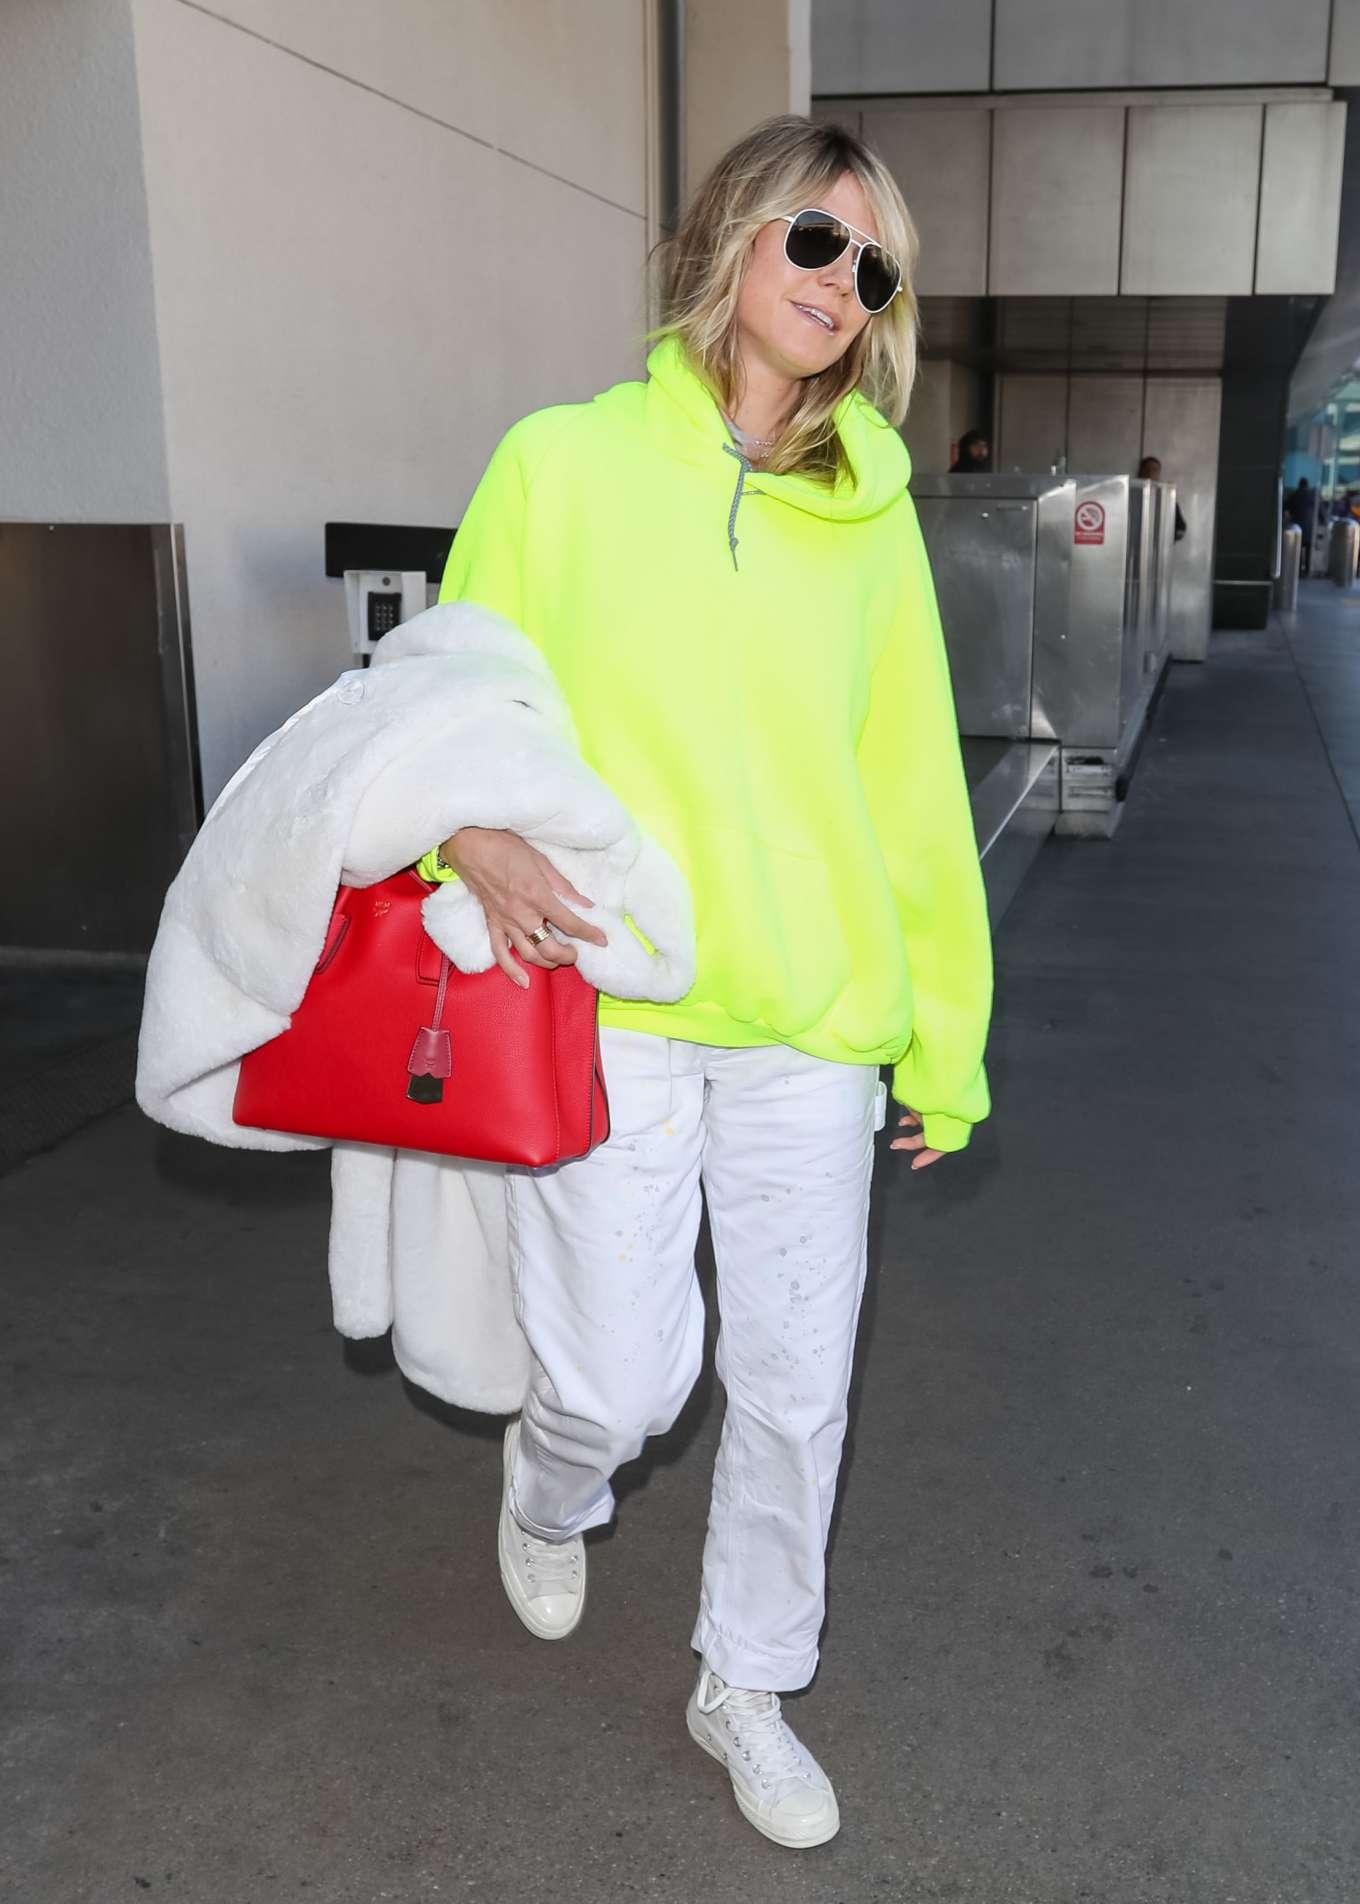 Heidi Klum - Seen at LAX airport in Los Angeles